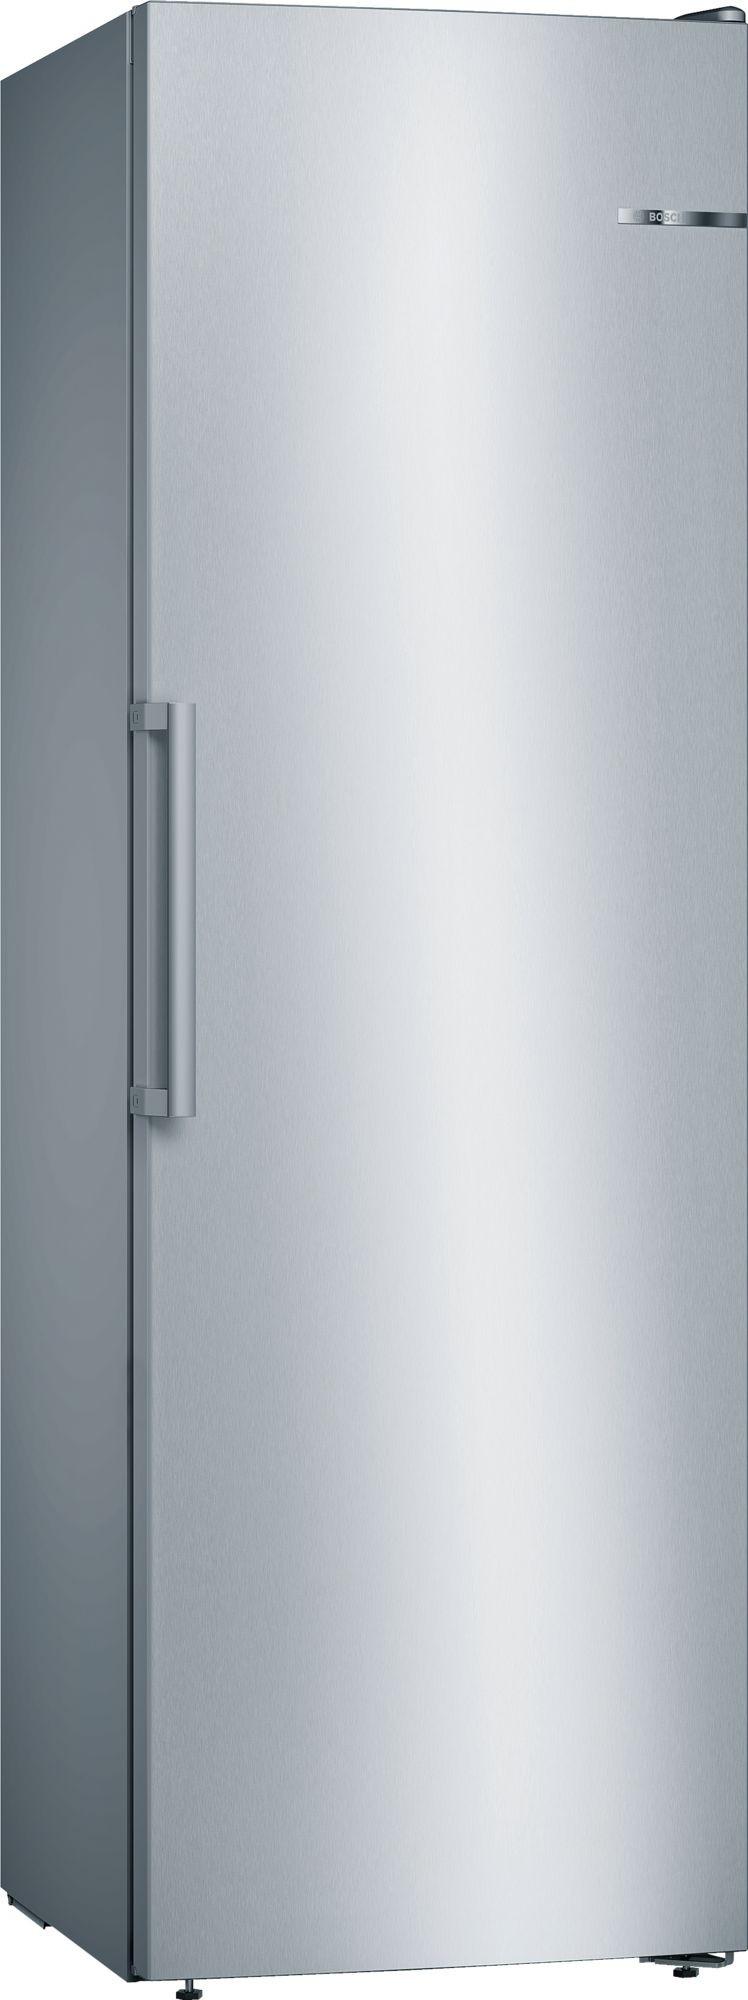 Bosch GSN36VL3PG Freezer